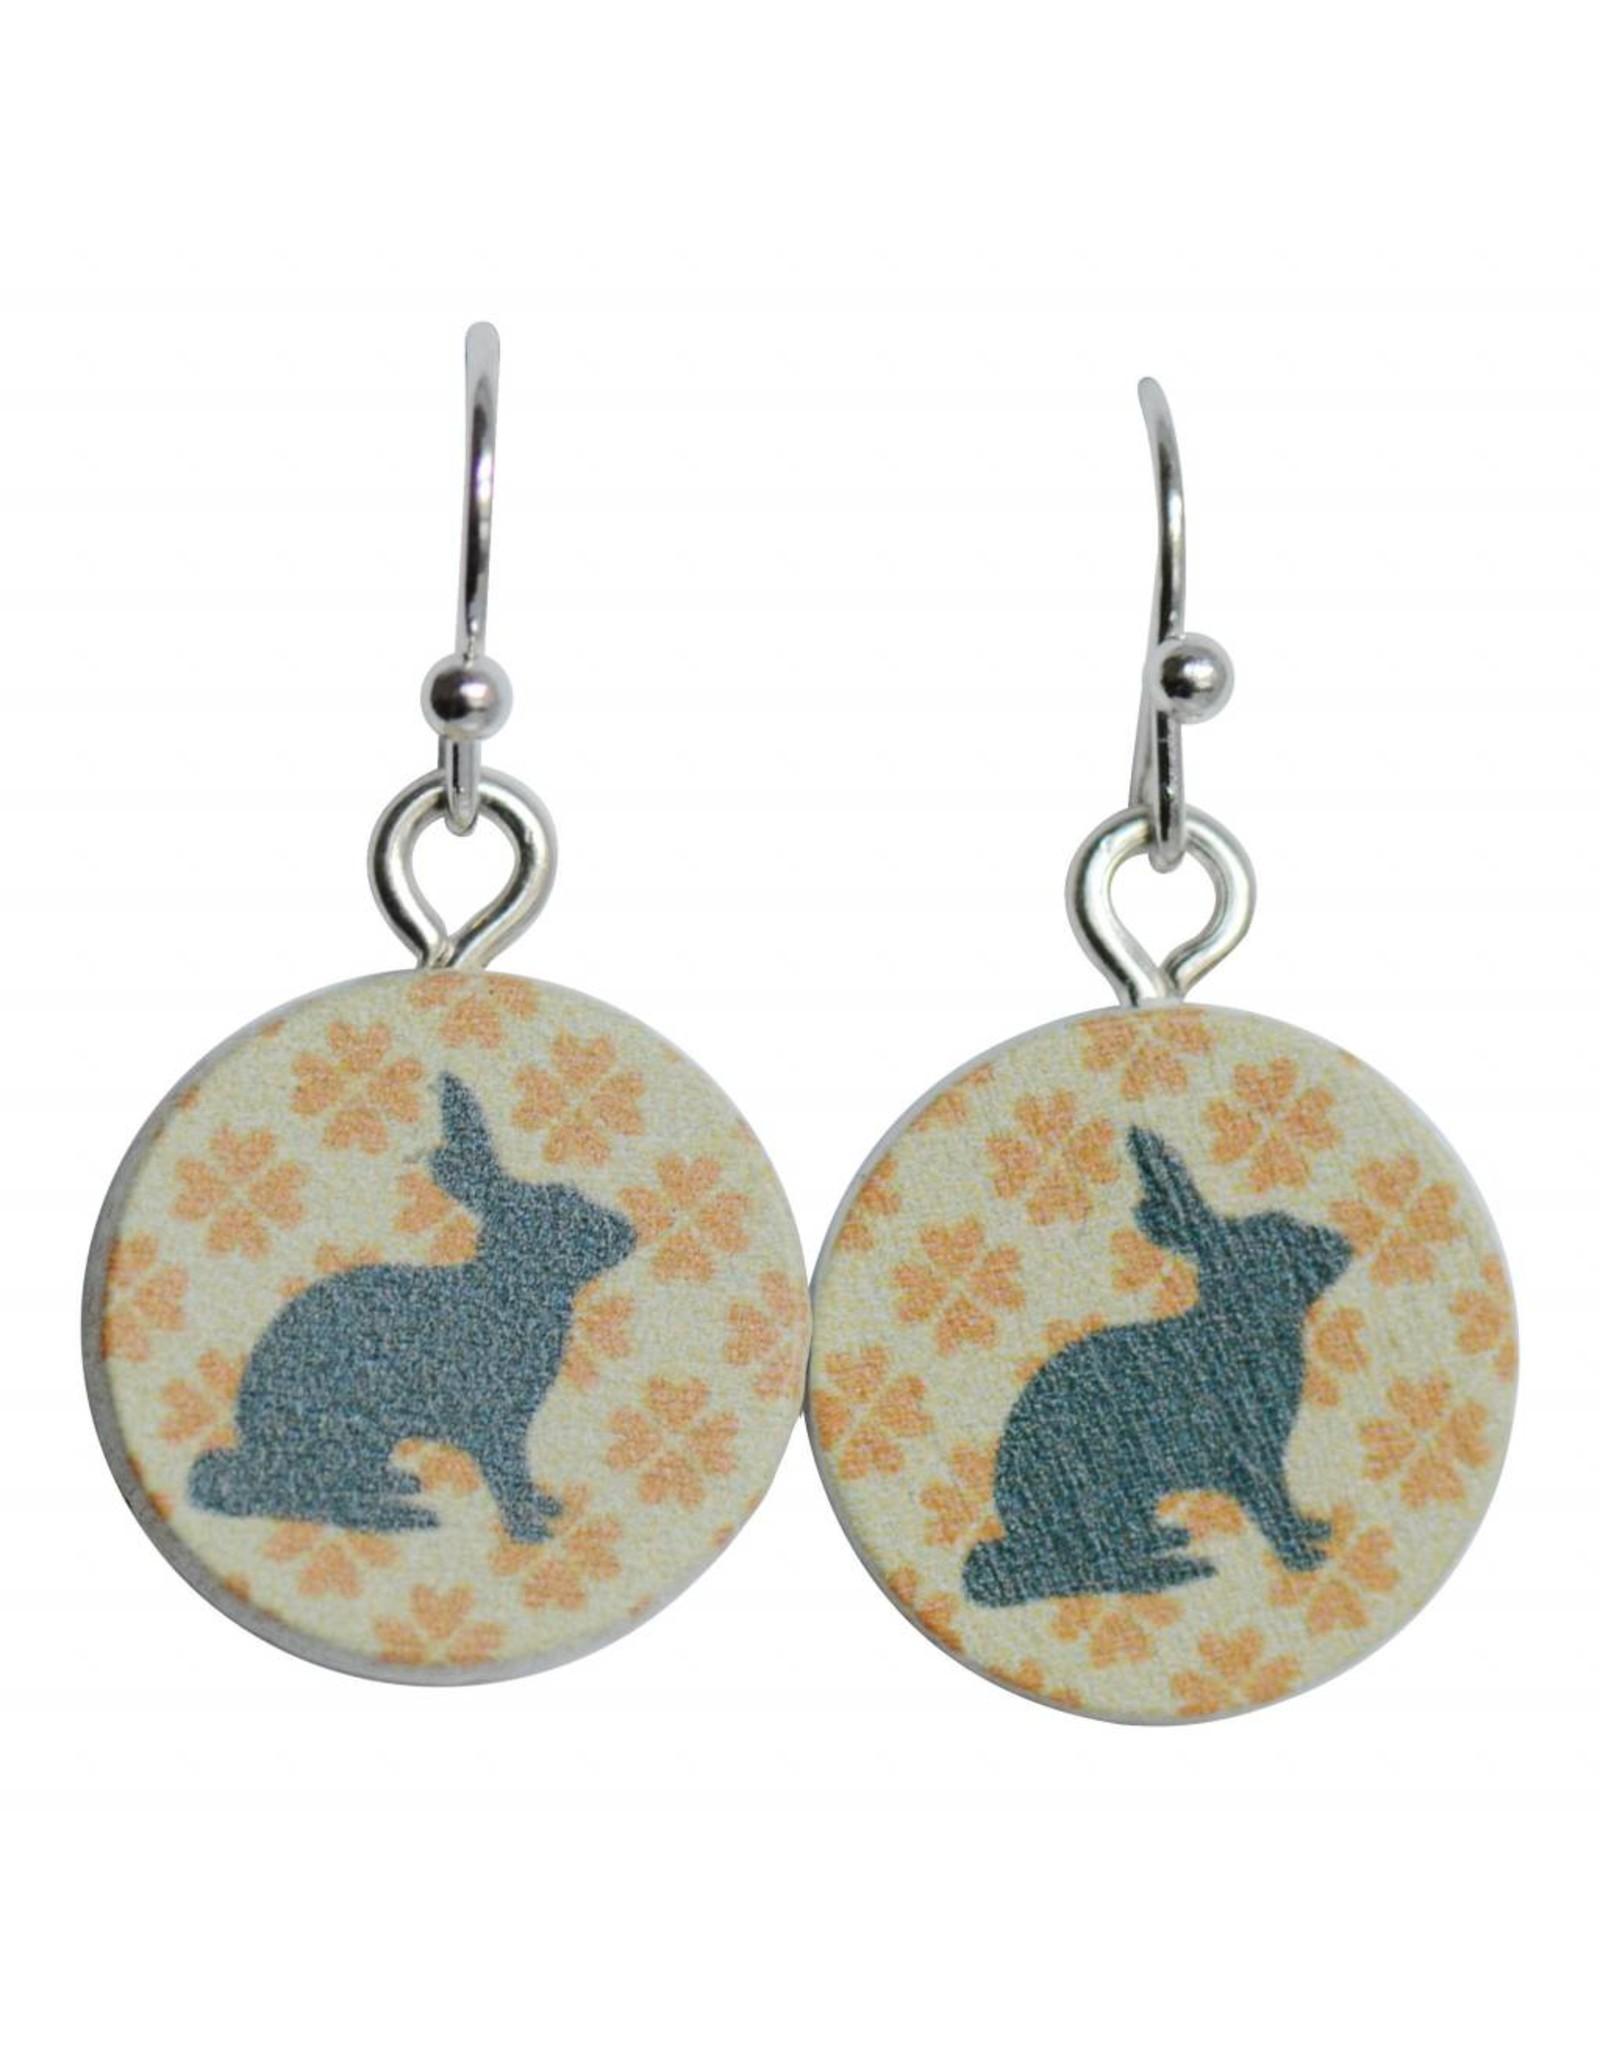 oorbEllen hout hangertjes konijn